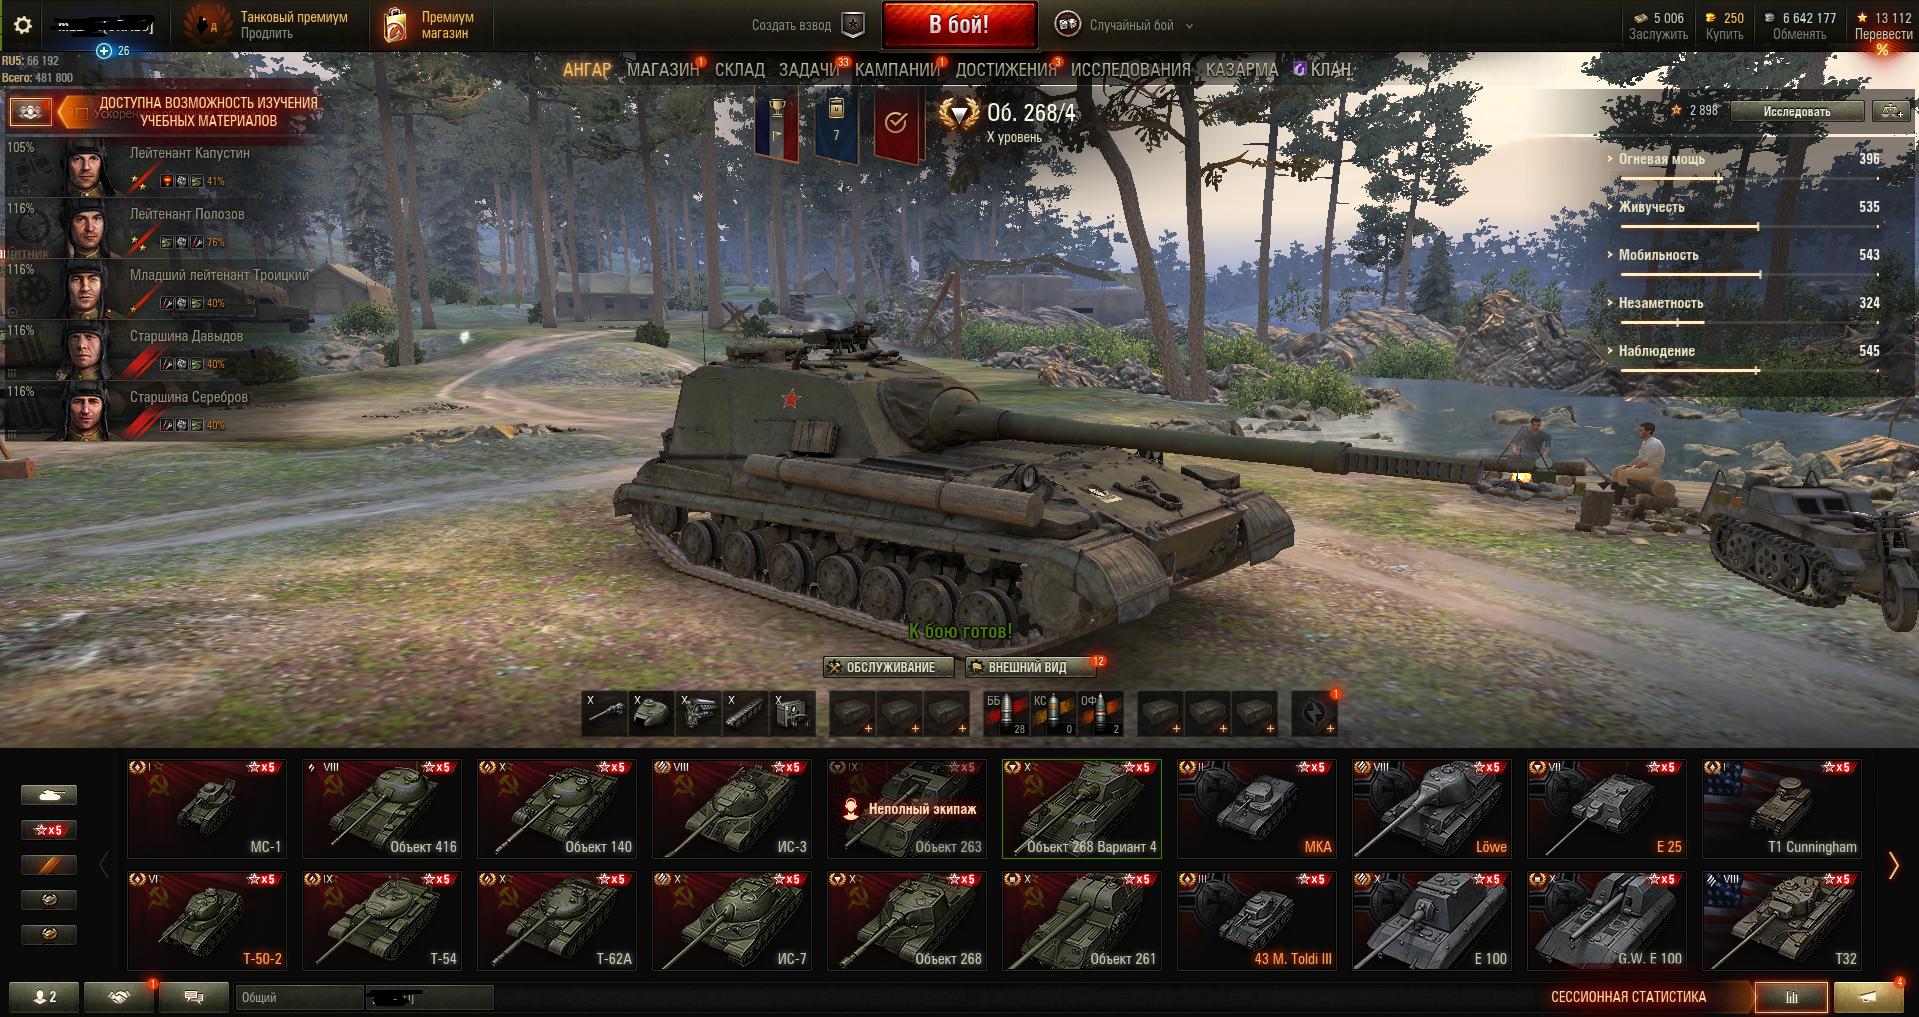 WoT (10 топов, 3 према, всего 29 танков)